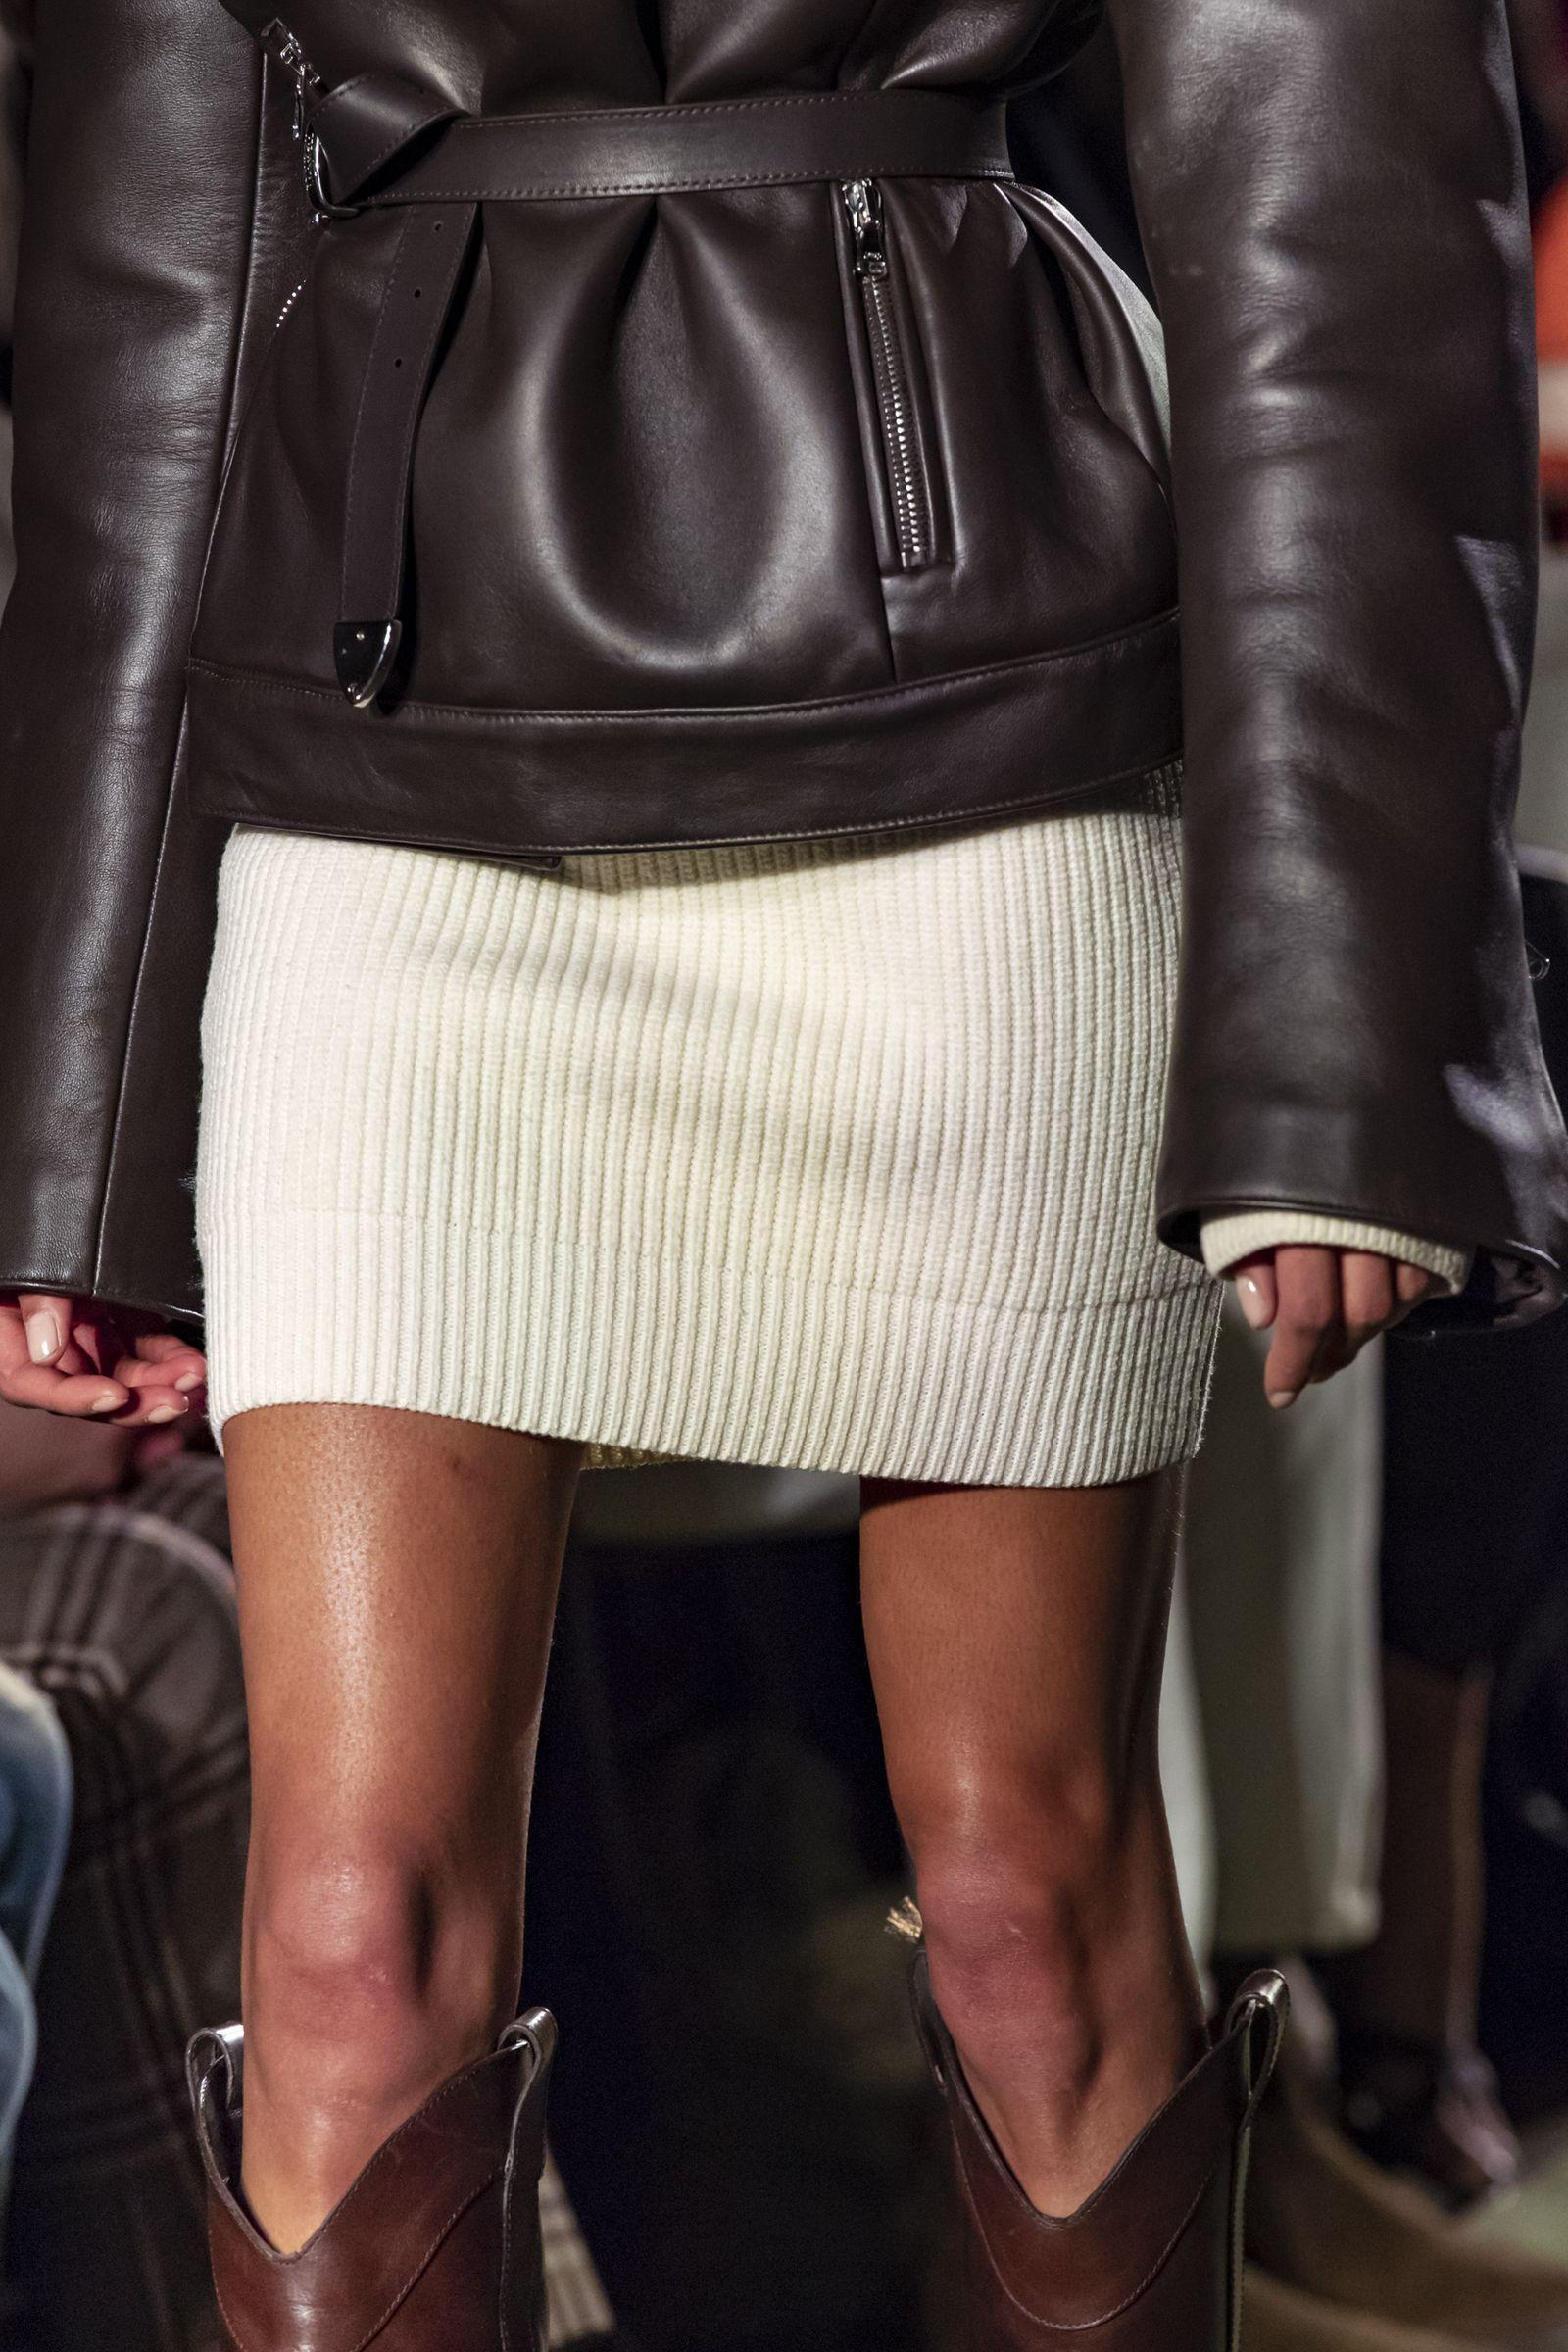 La moda dell'inverno 2020 celebra la minigonna, guilty pleasure nei secoli dei secoli (amen!)